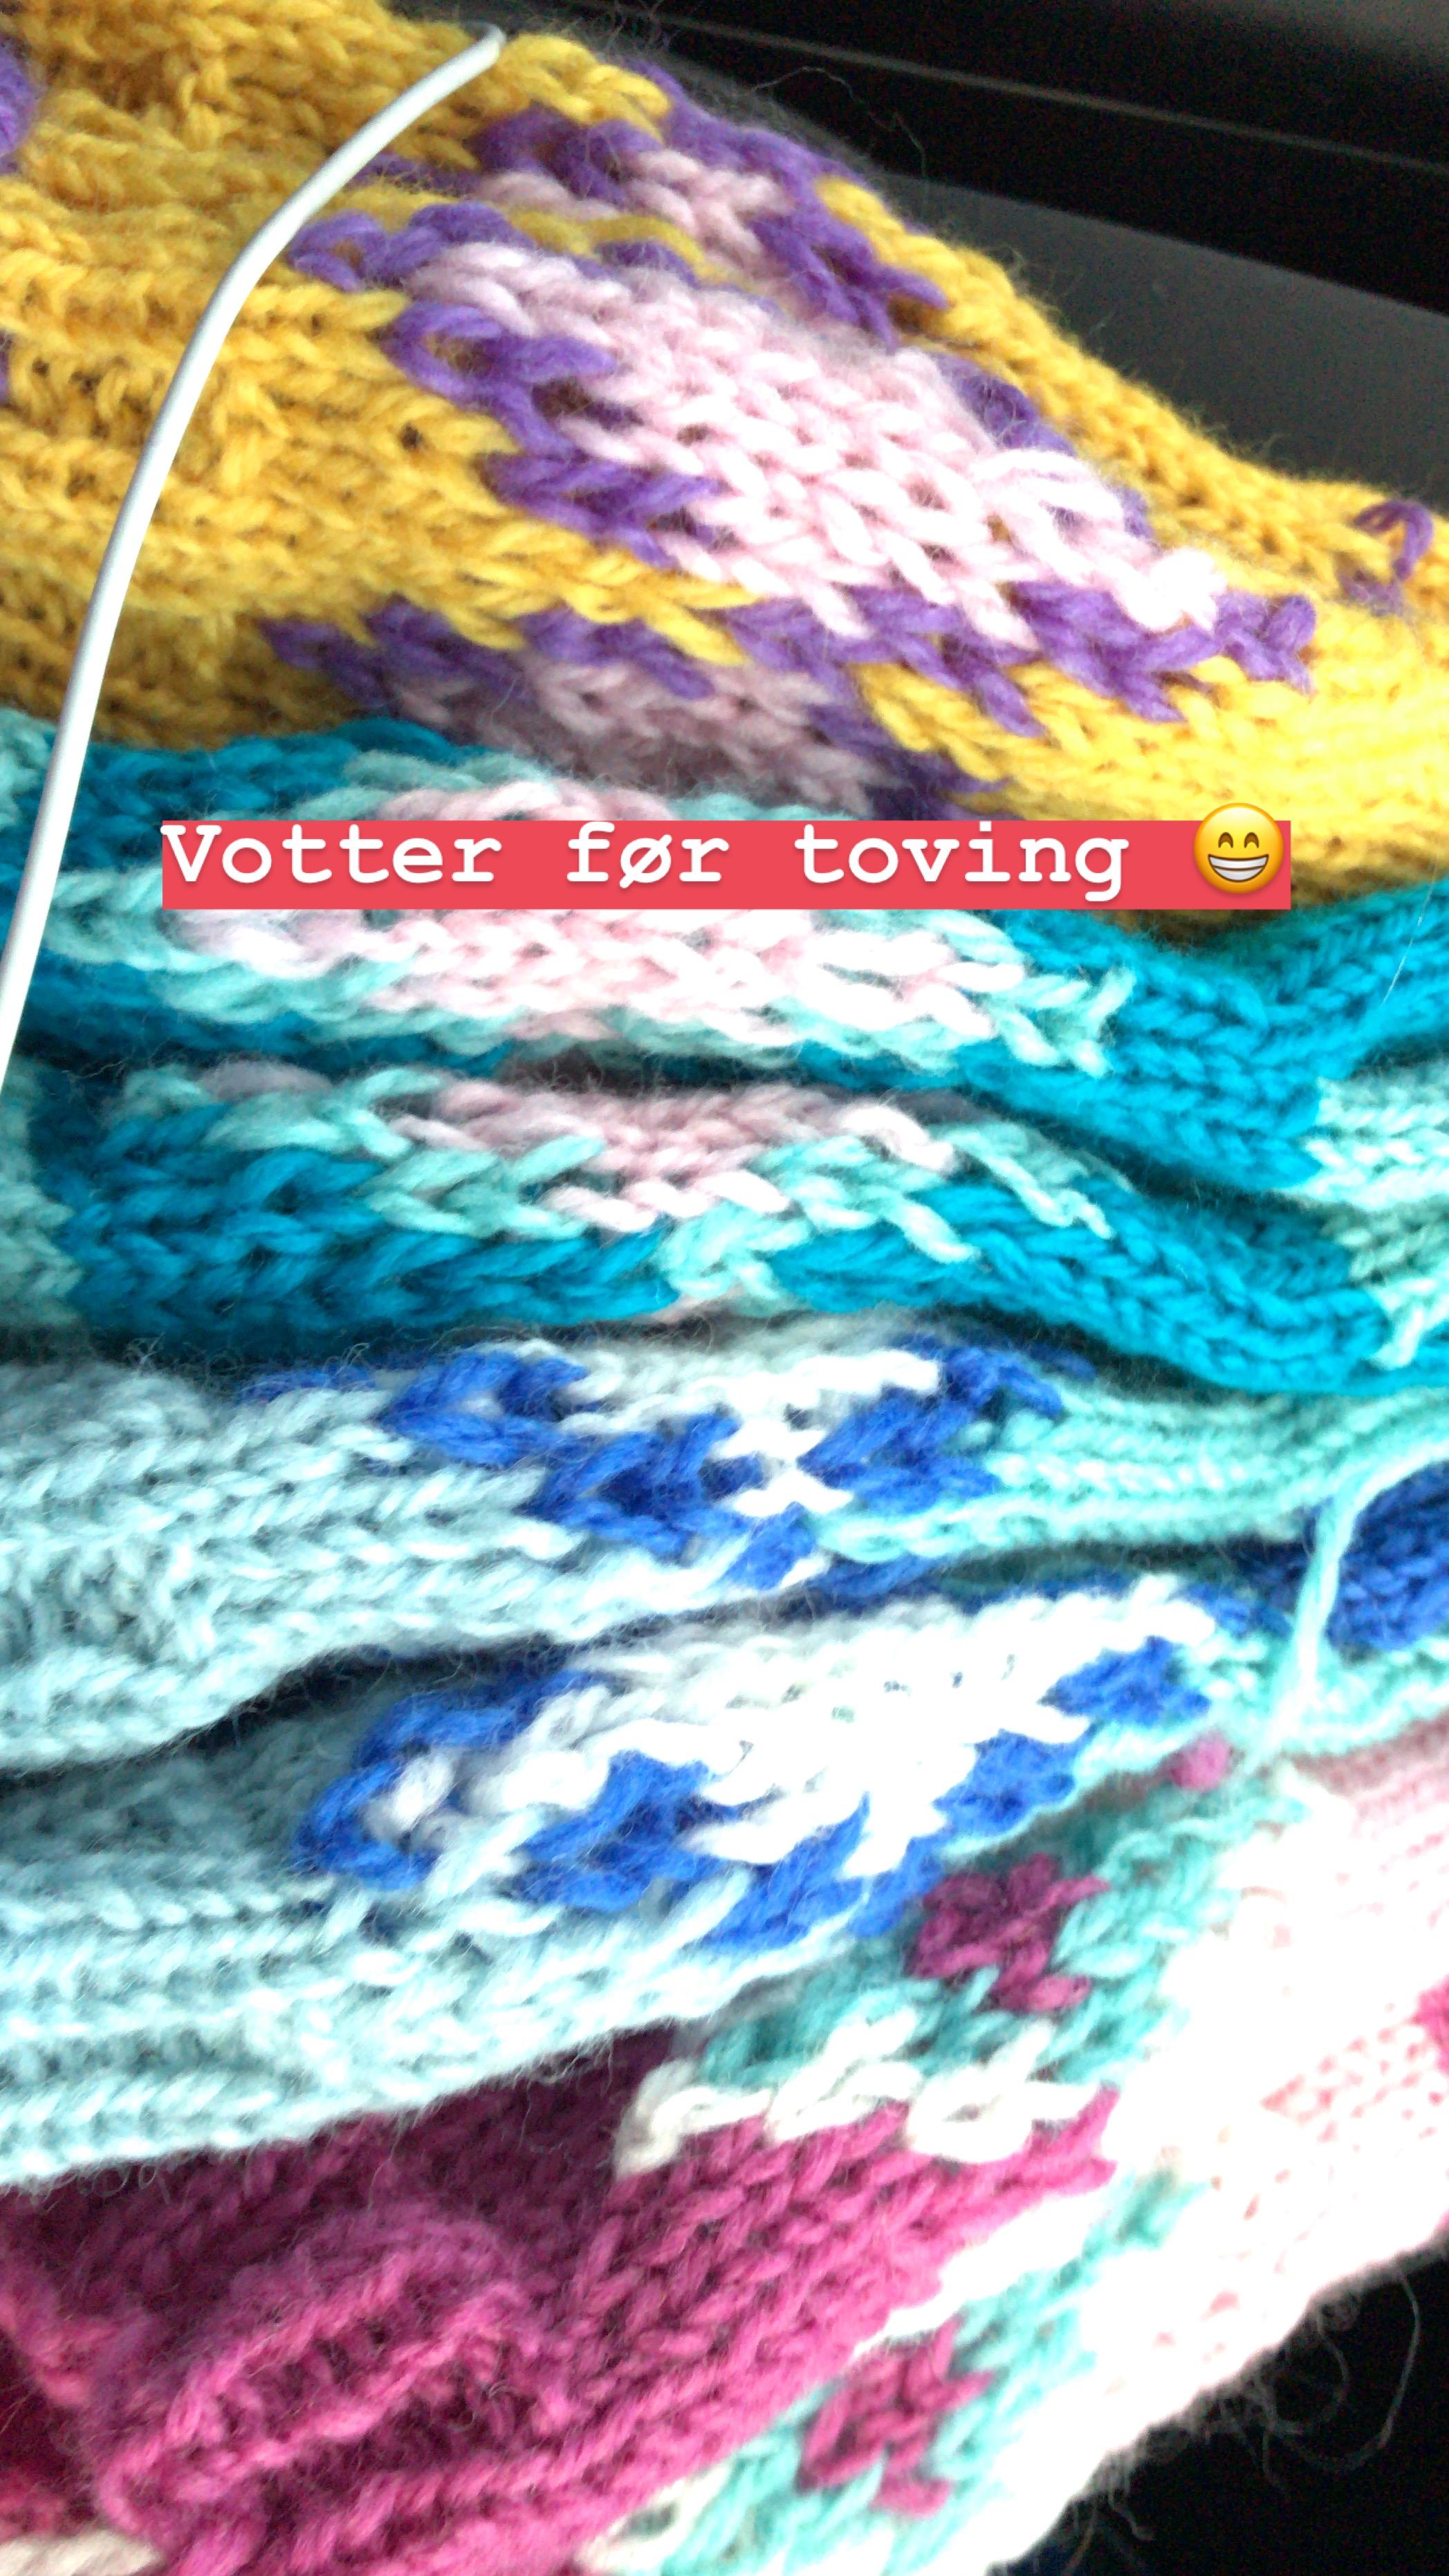 - Her er forskjellige farge kombinasjoner av vottene før toving